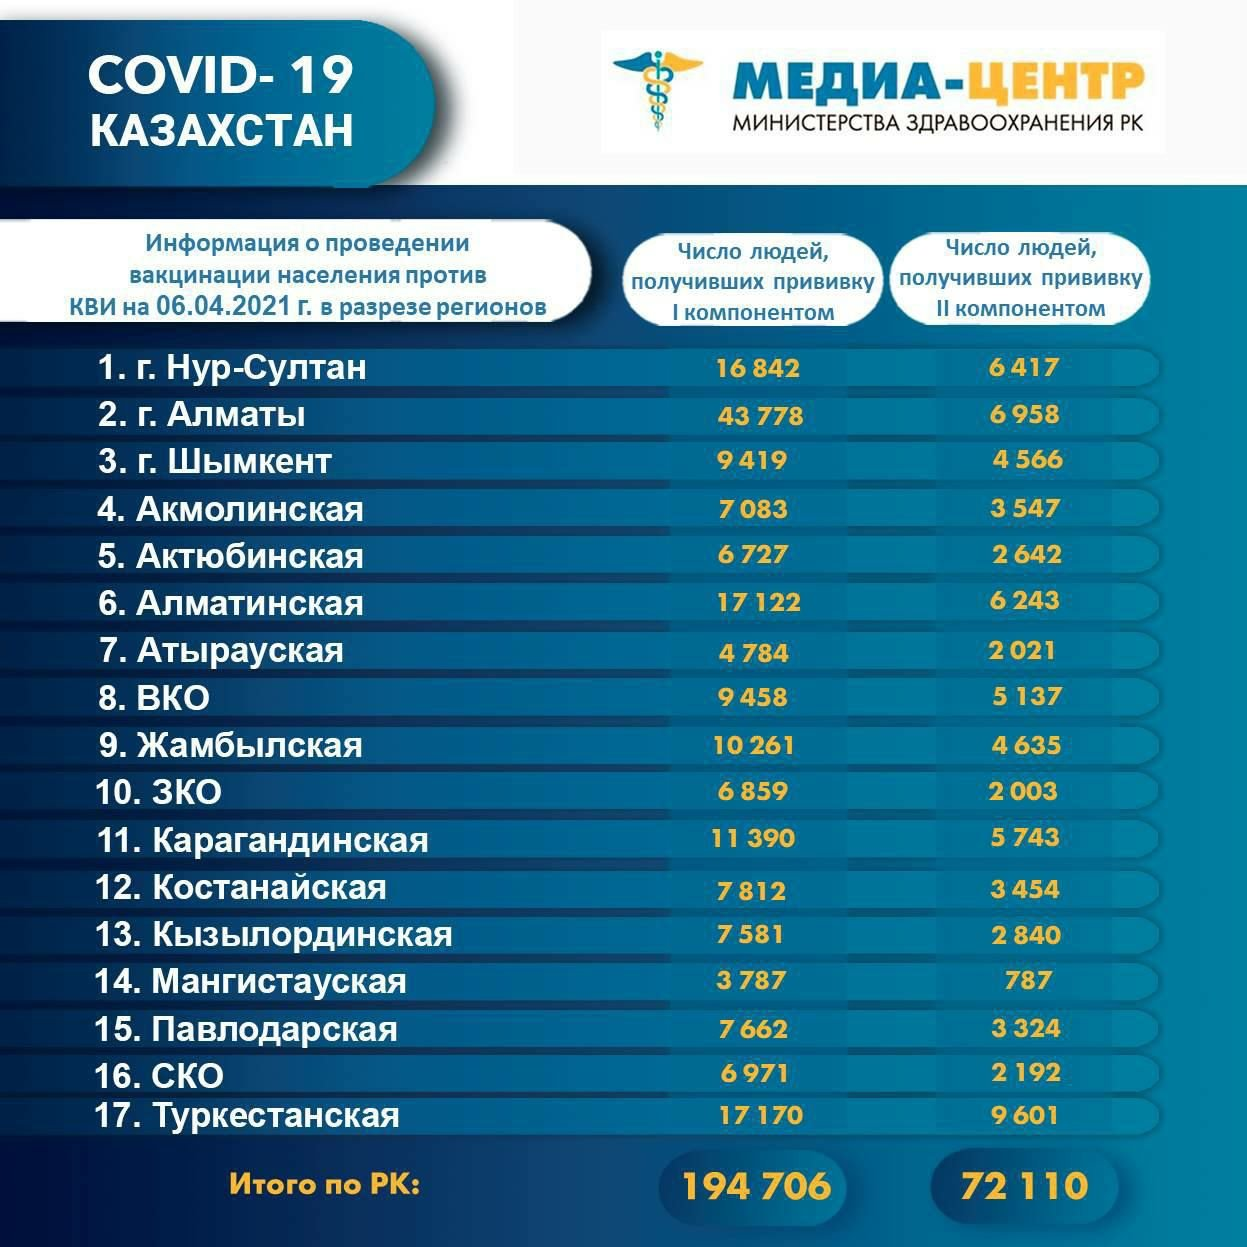 Информация о проведении вакцинации населения против КВИ на 6 апреля 2021 года в разрезе регионов